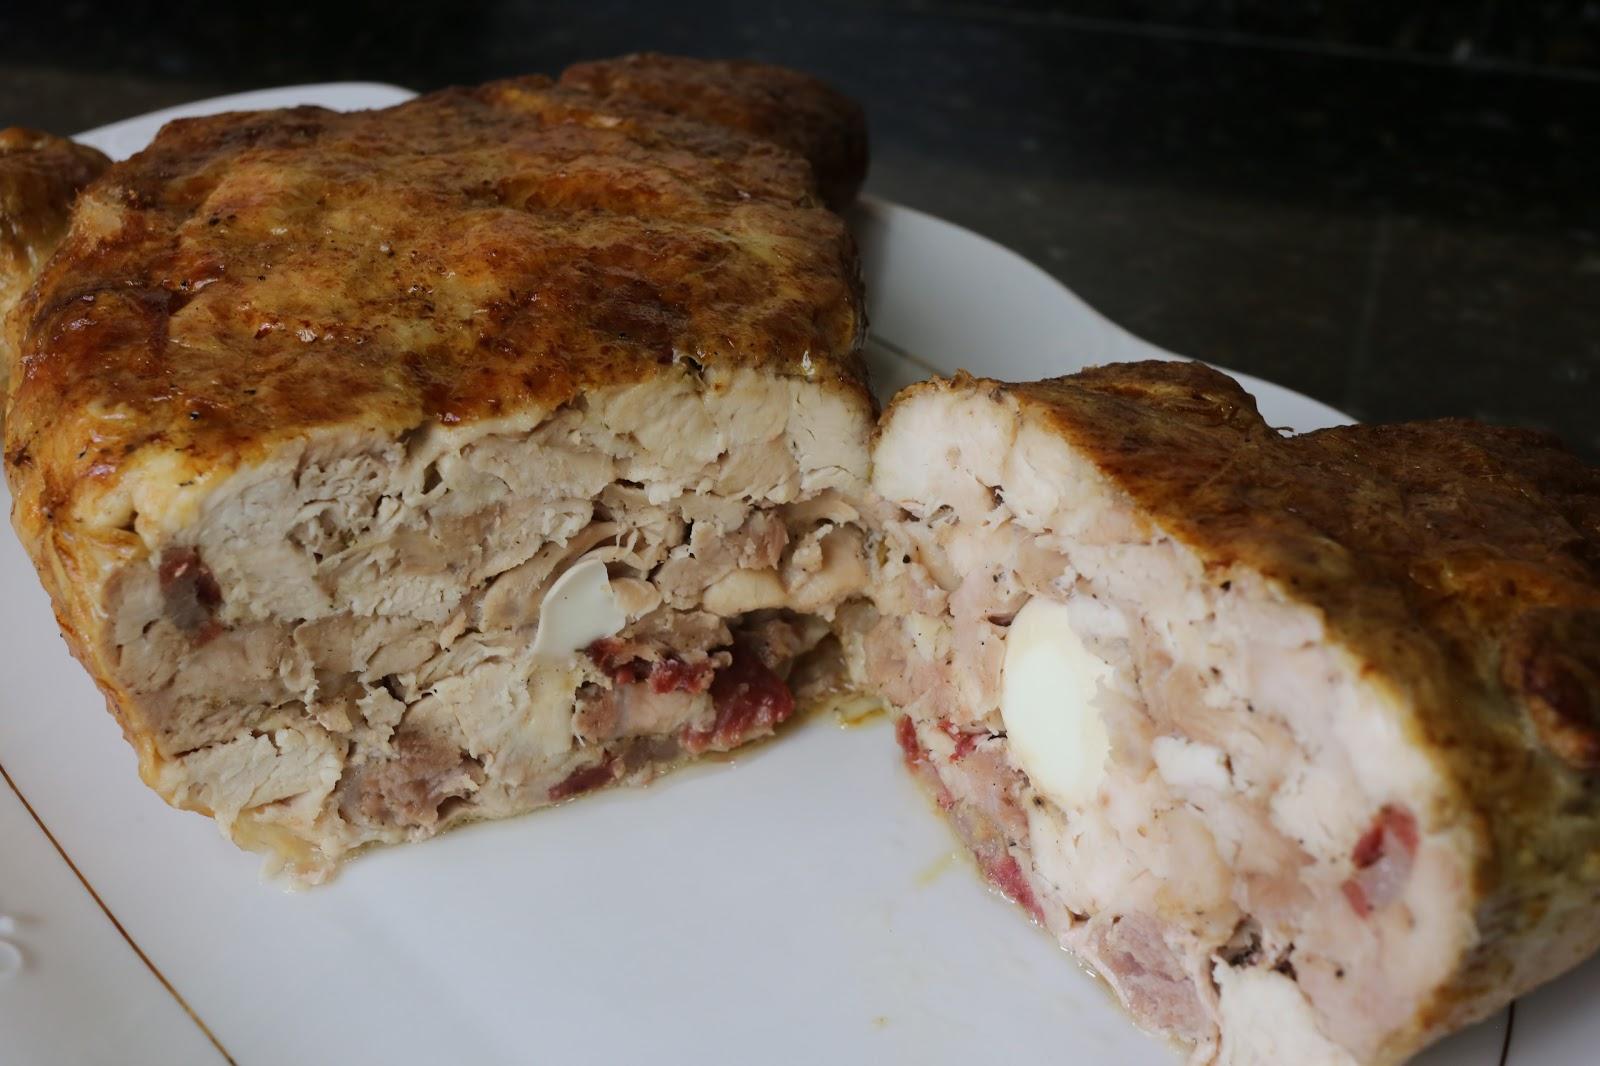 Como Cocinar Pollo Relleno Al Horno | Cocina Andaluza Pollo Relleno Al Horno